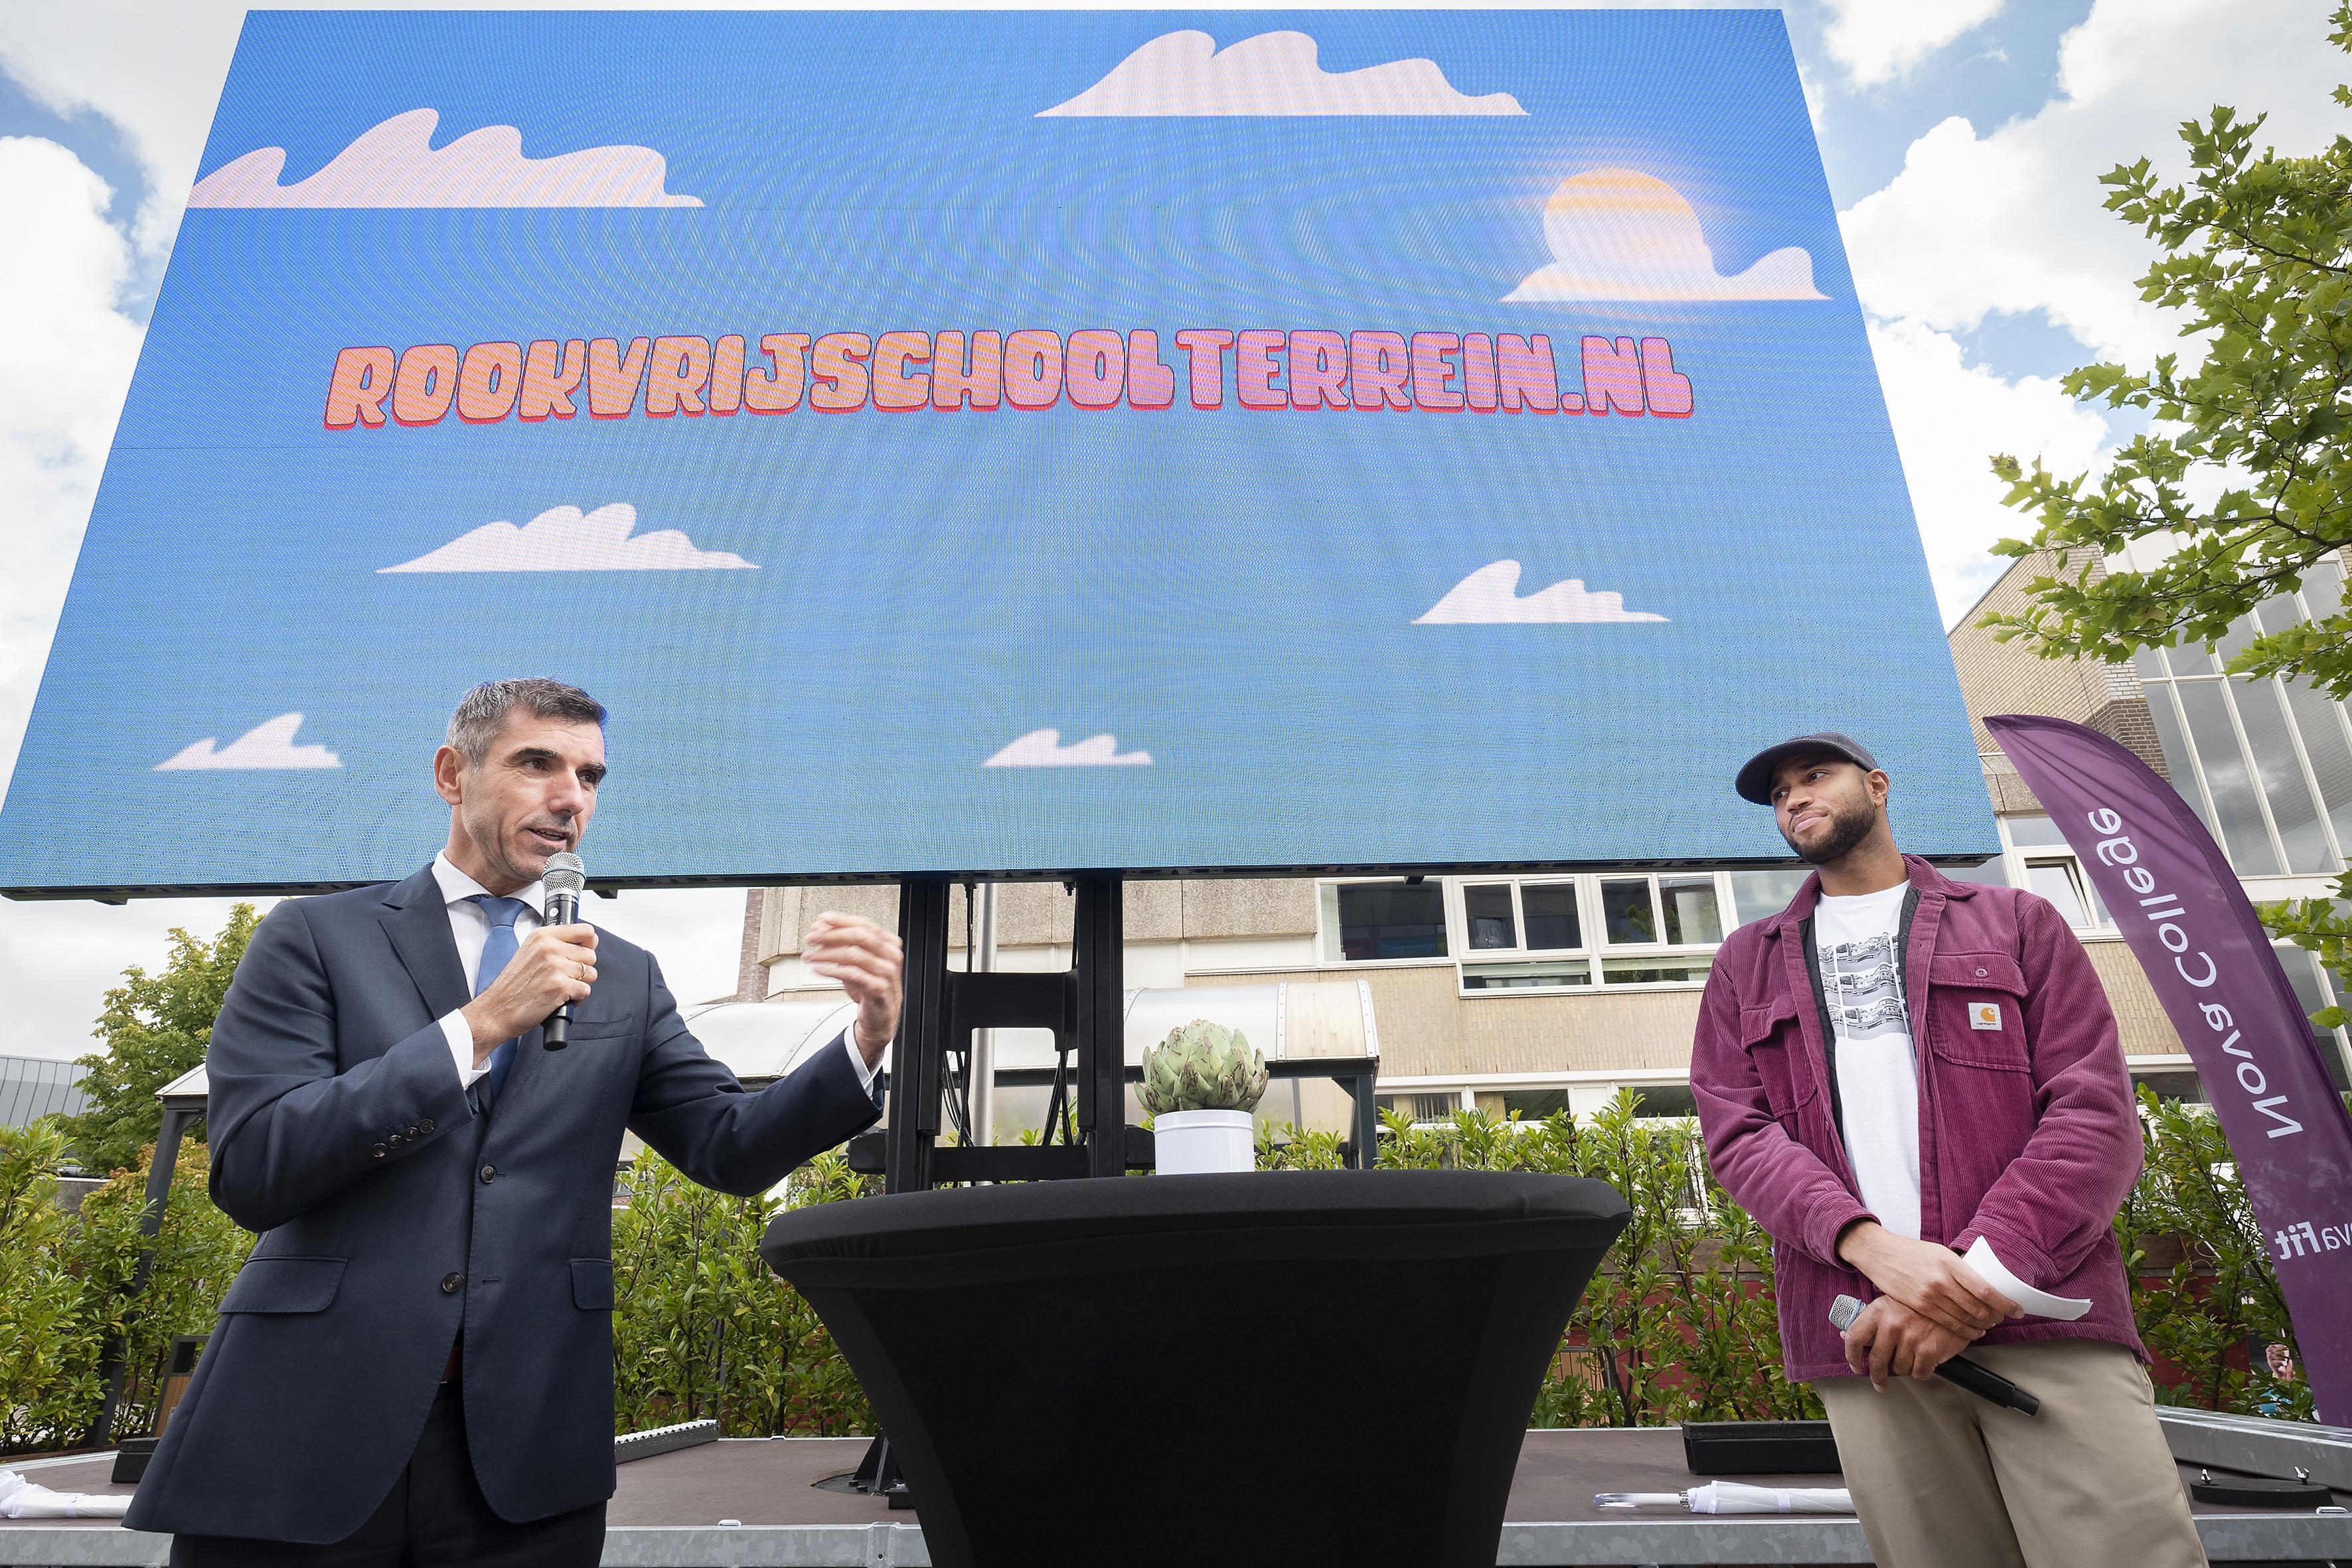 Nog lang niet alle schoolterreinen zijn rookvrij, maar de staatssecretaris toont begrip: 'We gaan niet snel inspecteurs sturen'